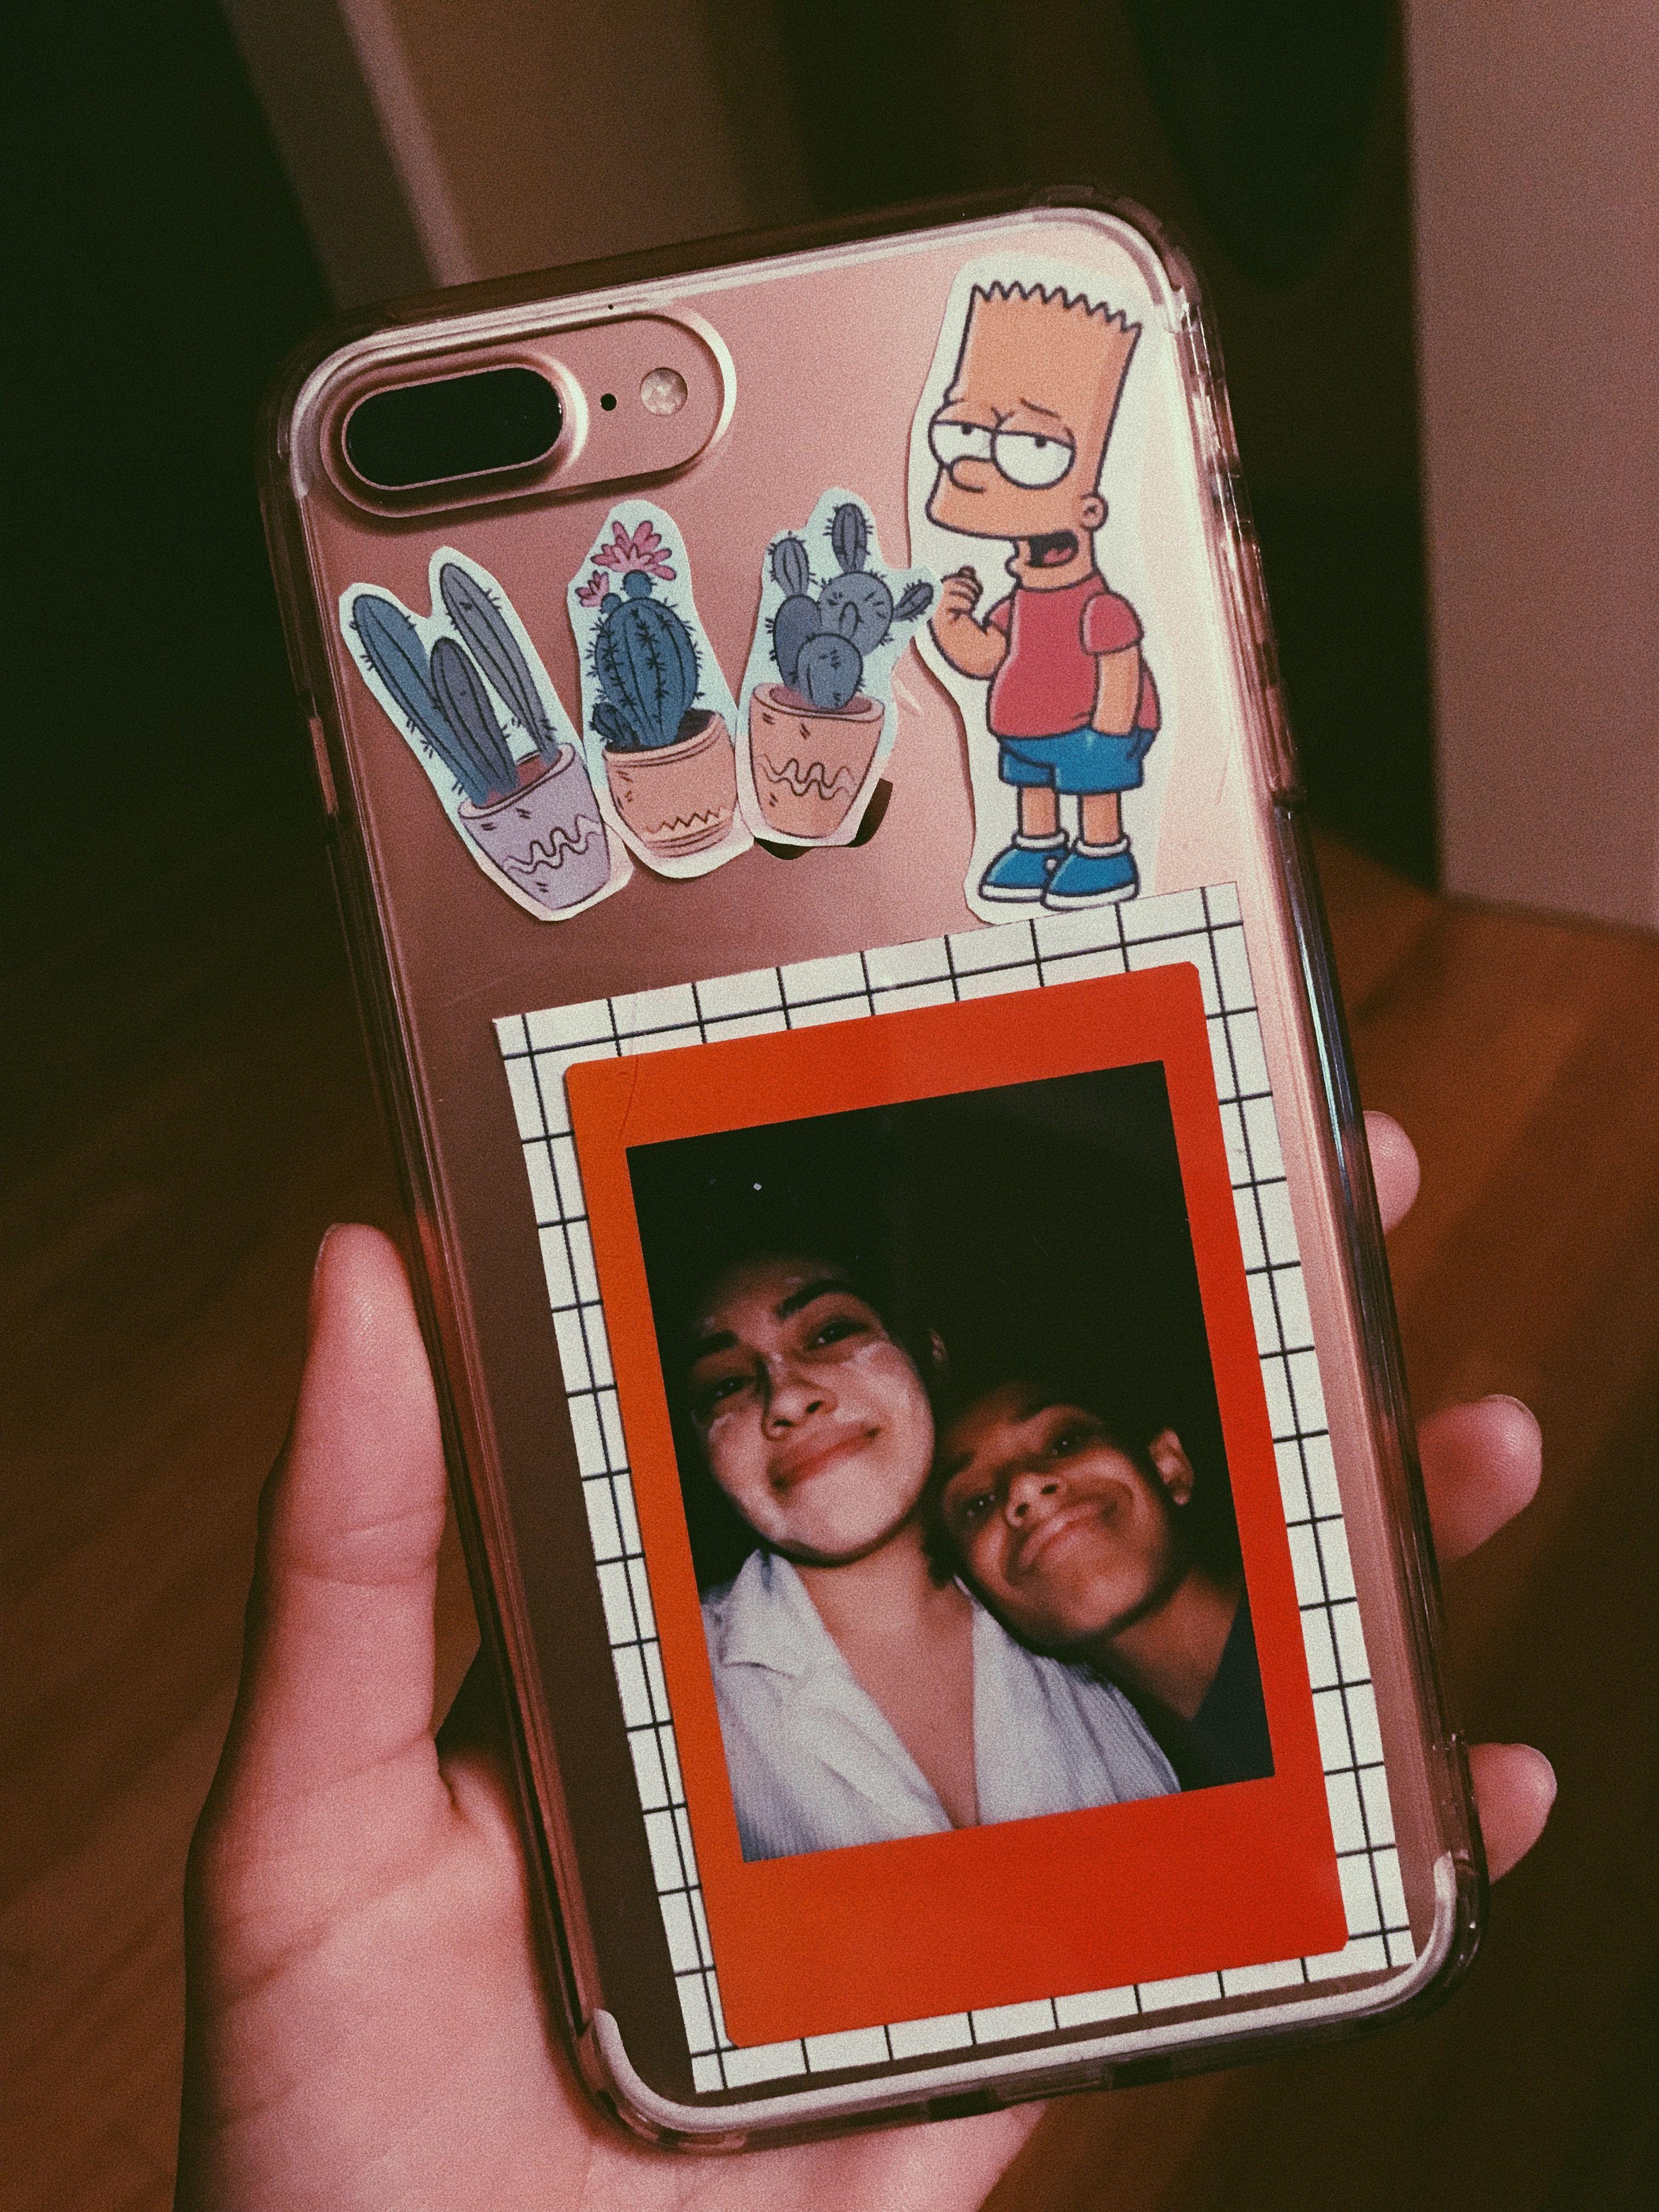 Pin de Camila en Case cc | Fundas para ipod, Fundas para iphone, Fundas para  teléfono